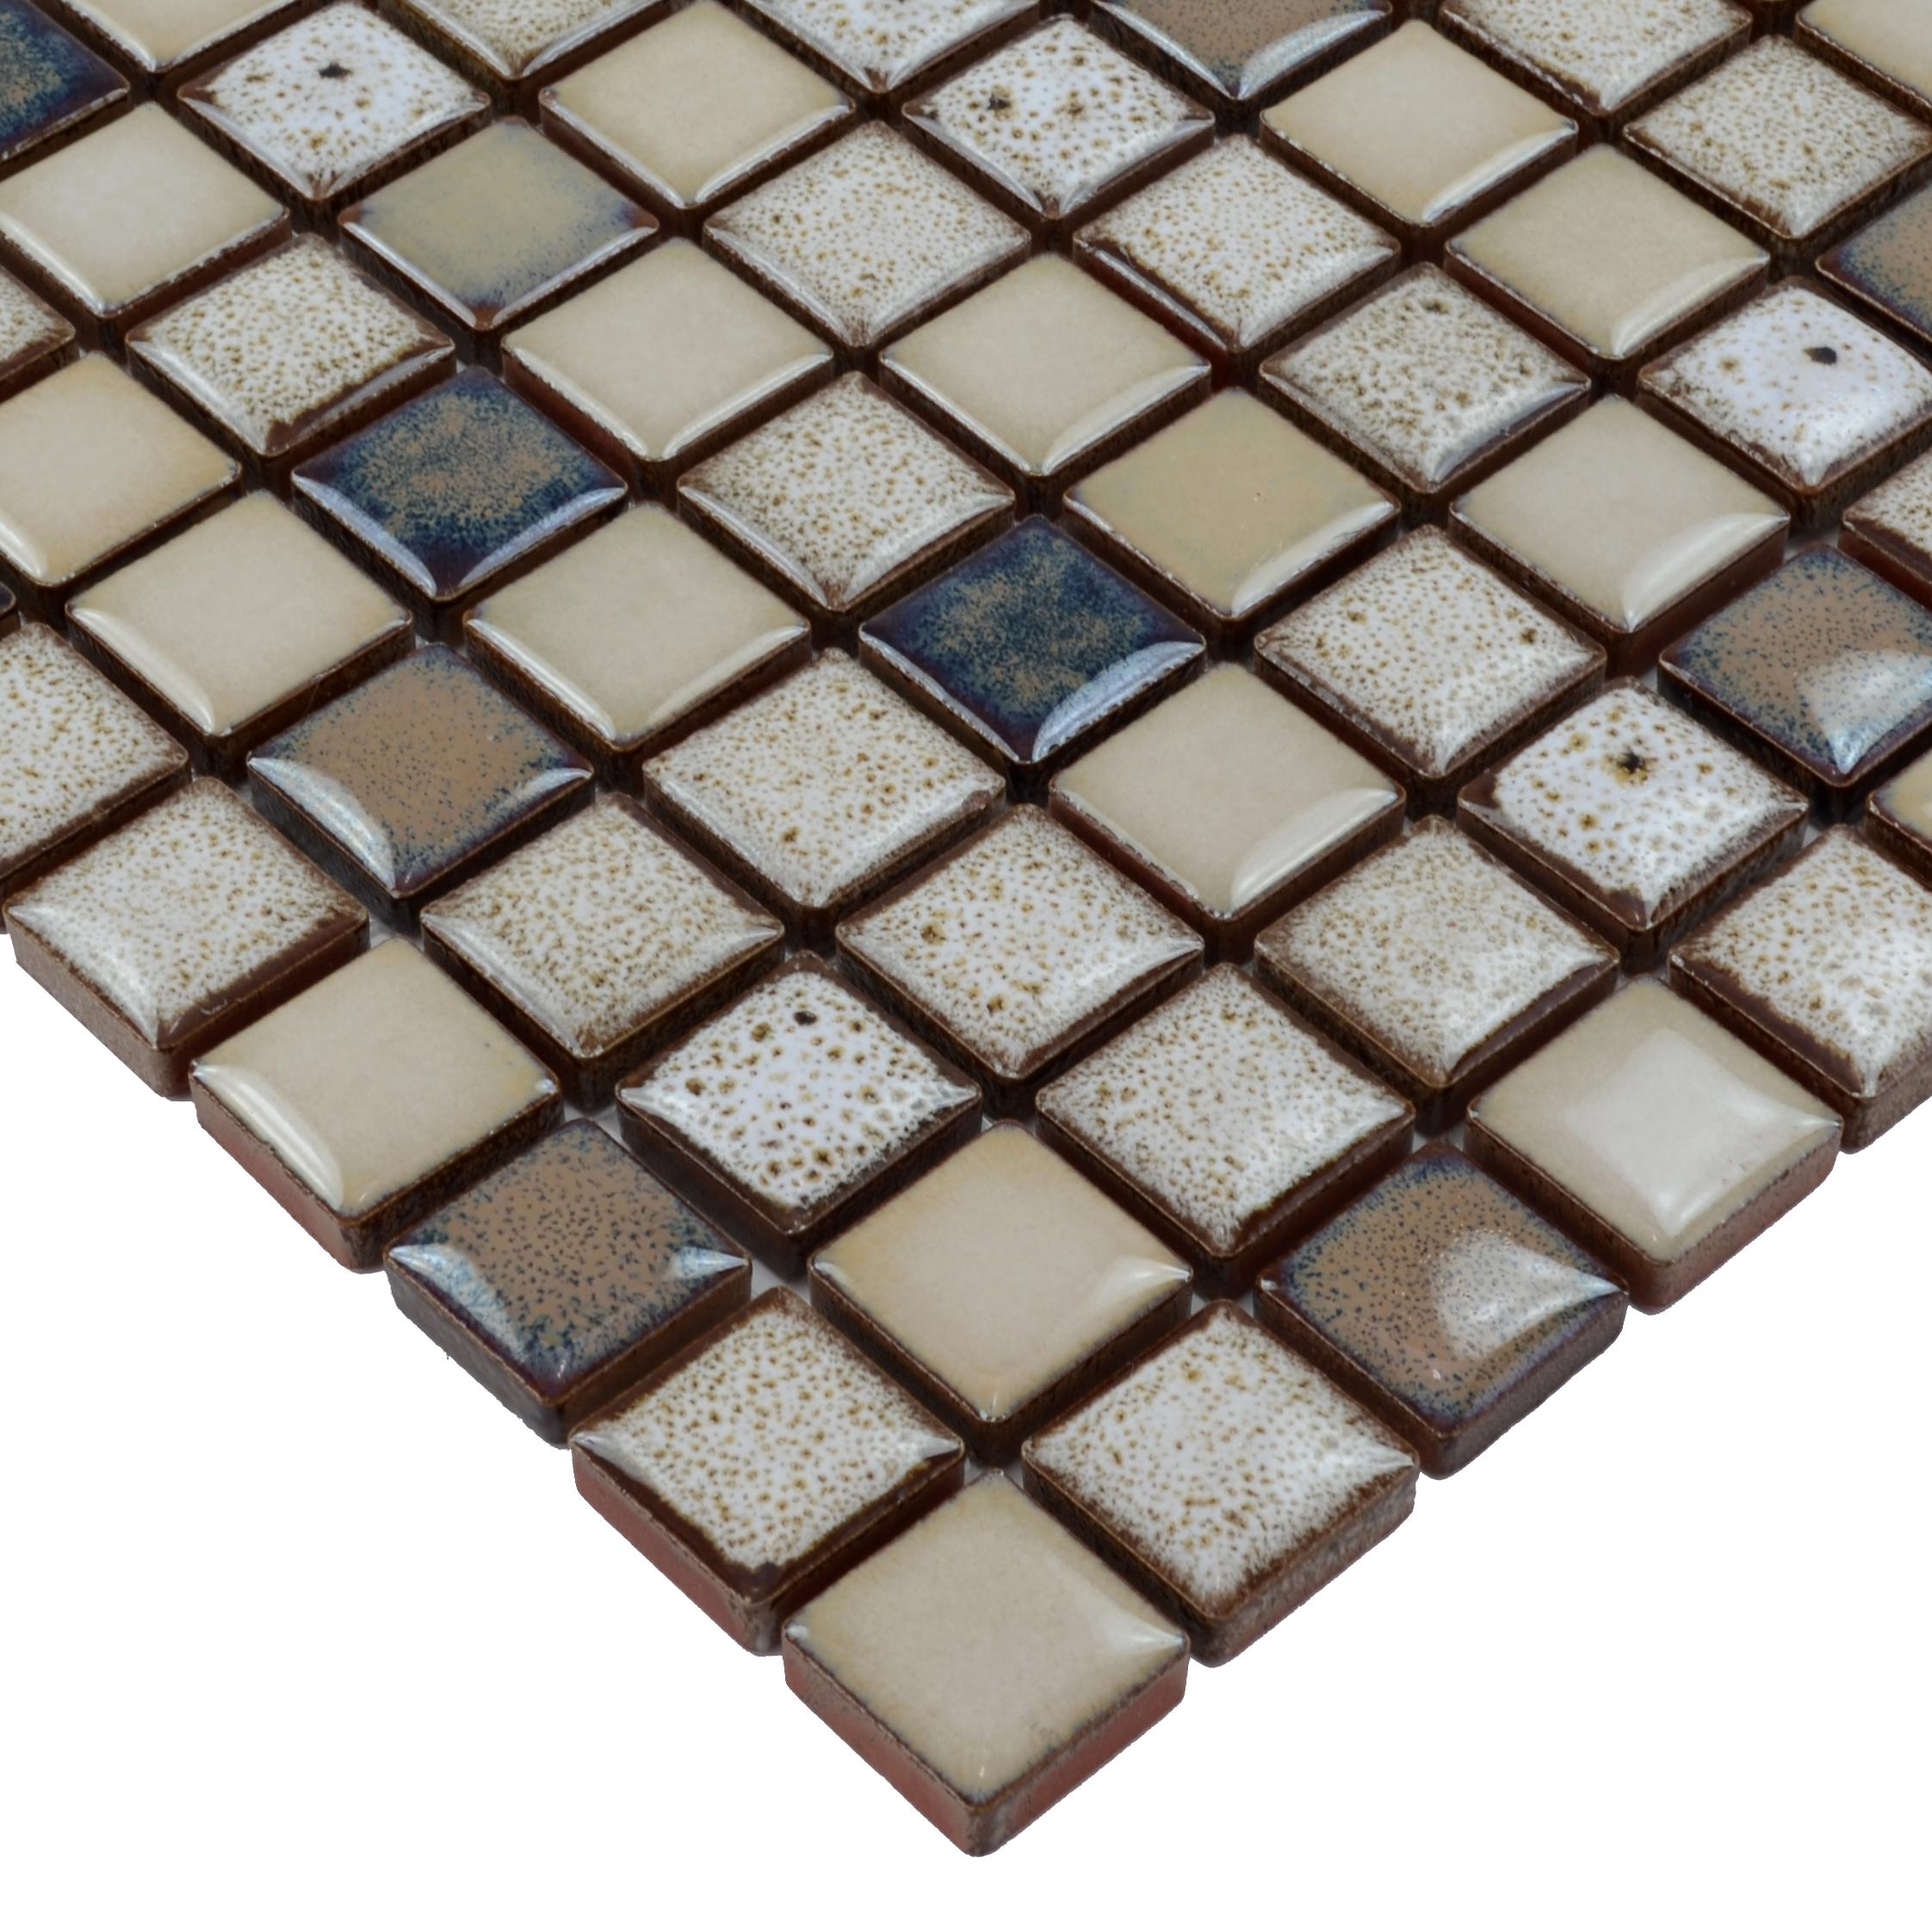 Wholesales Porcelain Square Mosaic Tiles Design Porcelain Tile - 3 inch square ceramic tiles